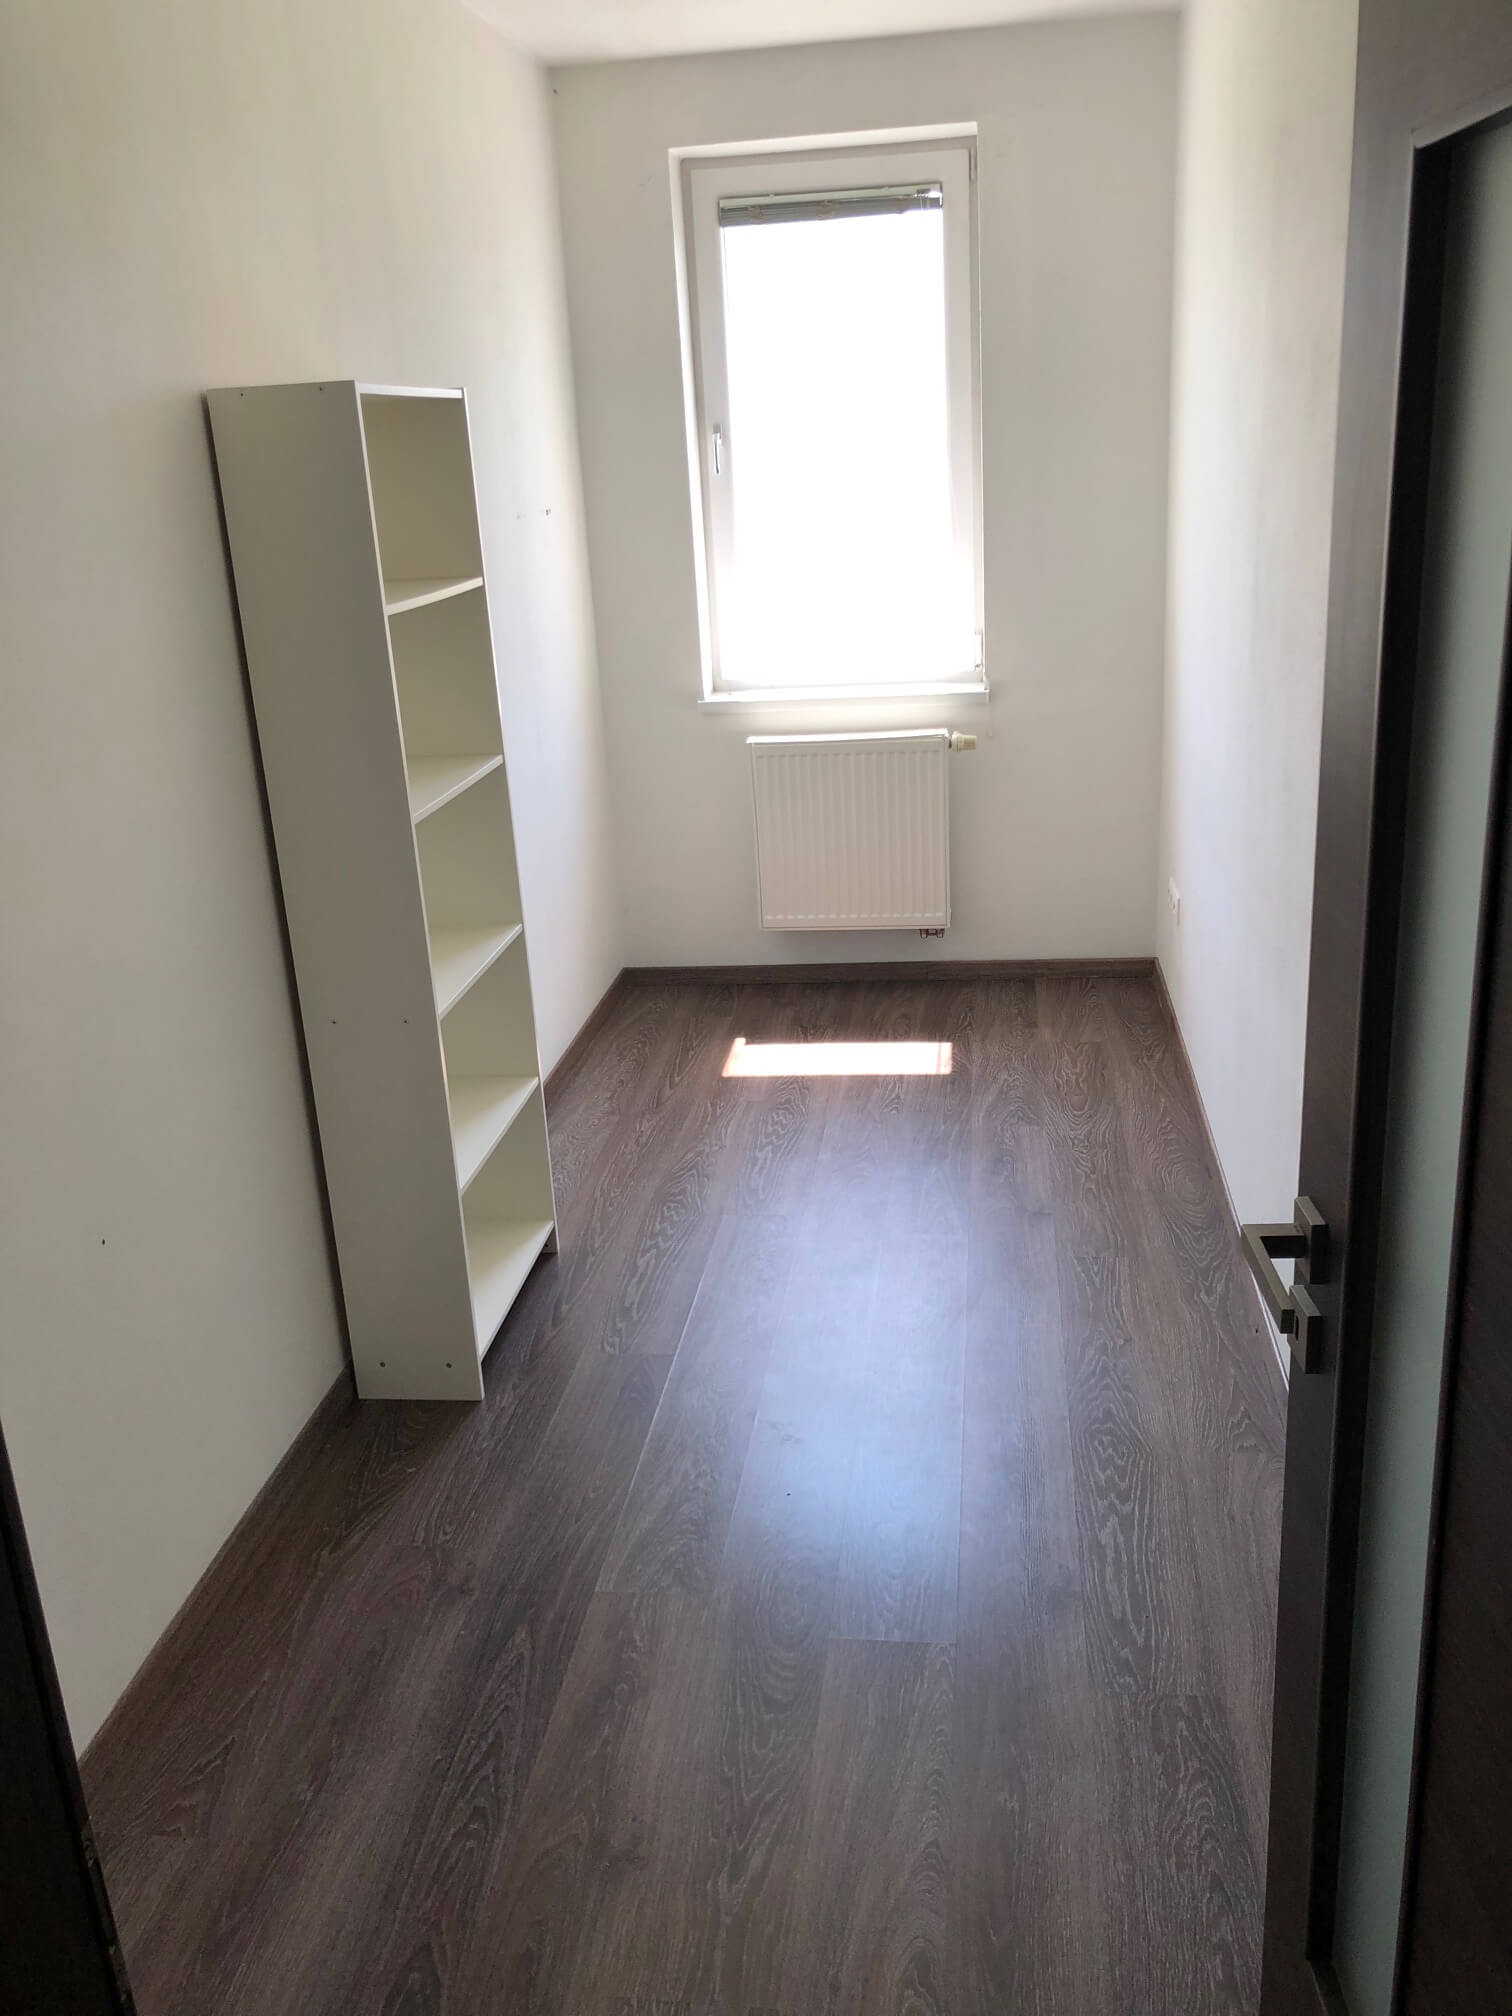 Predané: 3 izbový byt, novostavba, 72,25m2, loggia 4,82m2, Staré Grunty, Karlovka, garážové státie-37